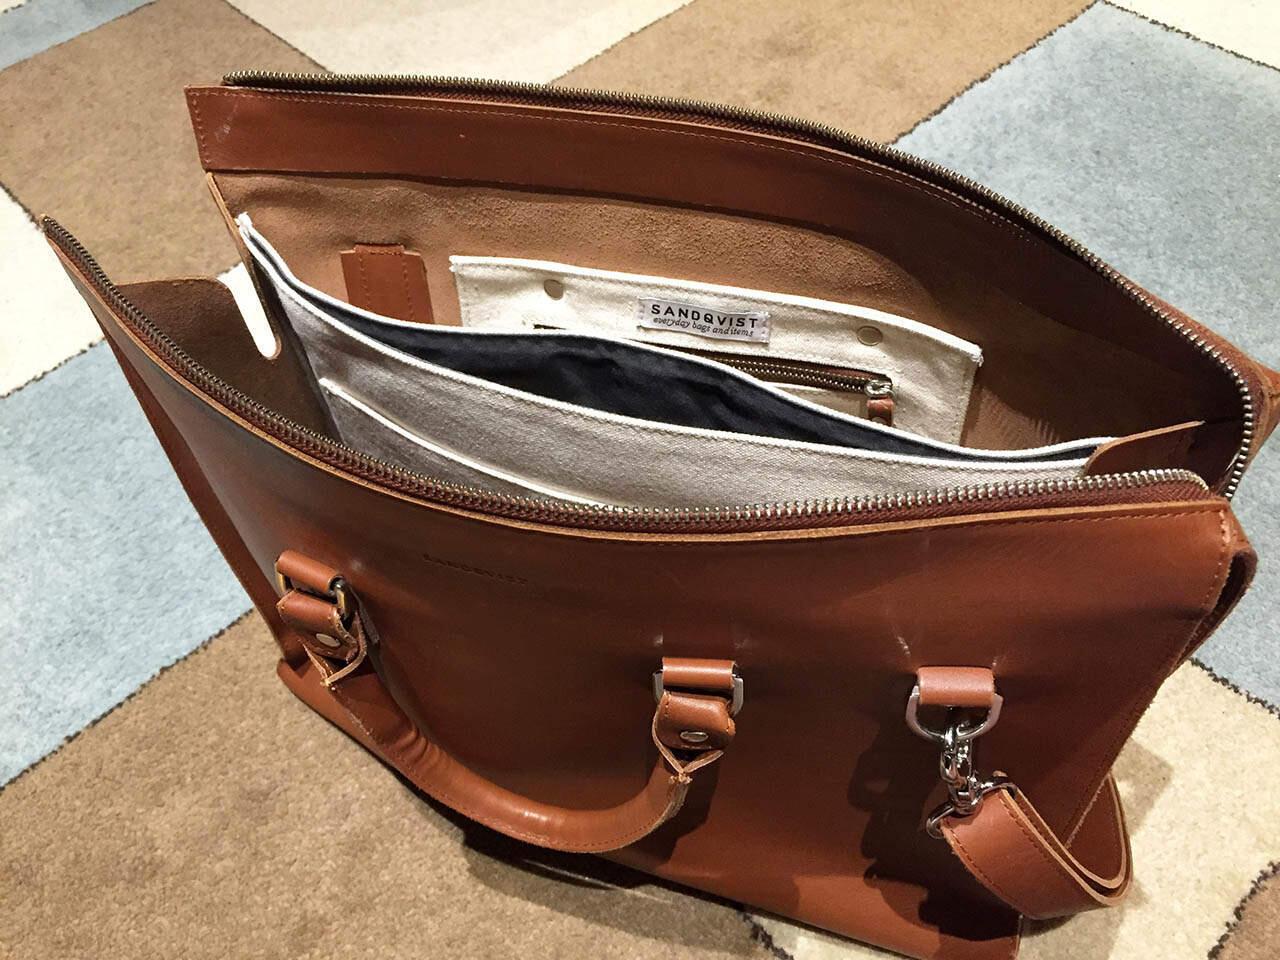 Sandqvistin laukun sisällä on toimiva tilanjako.